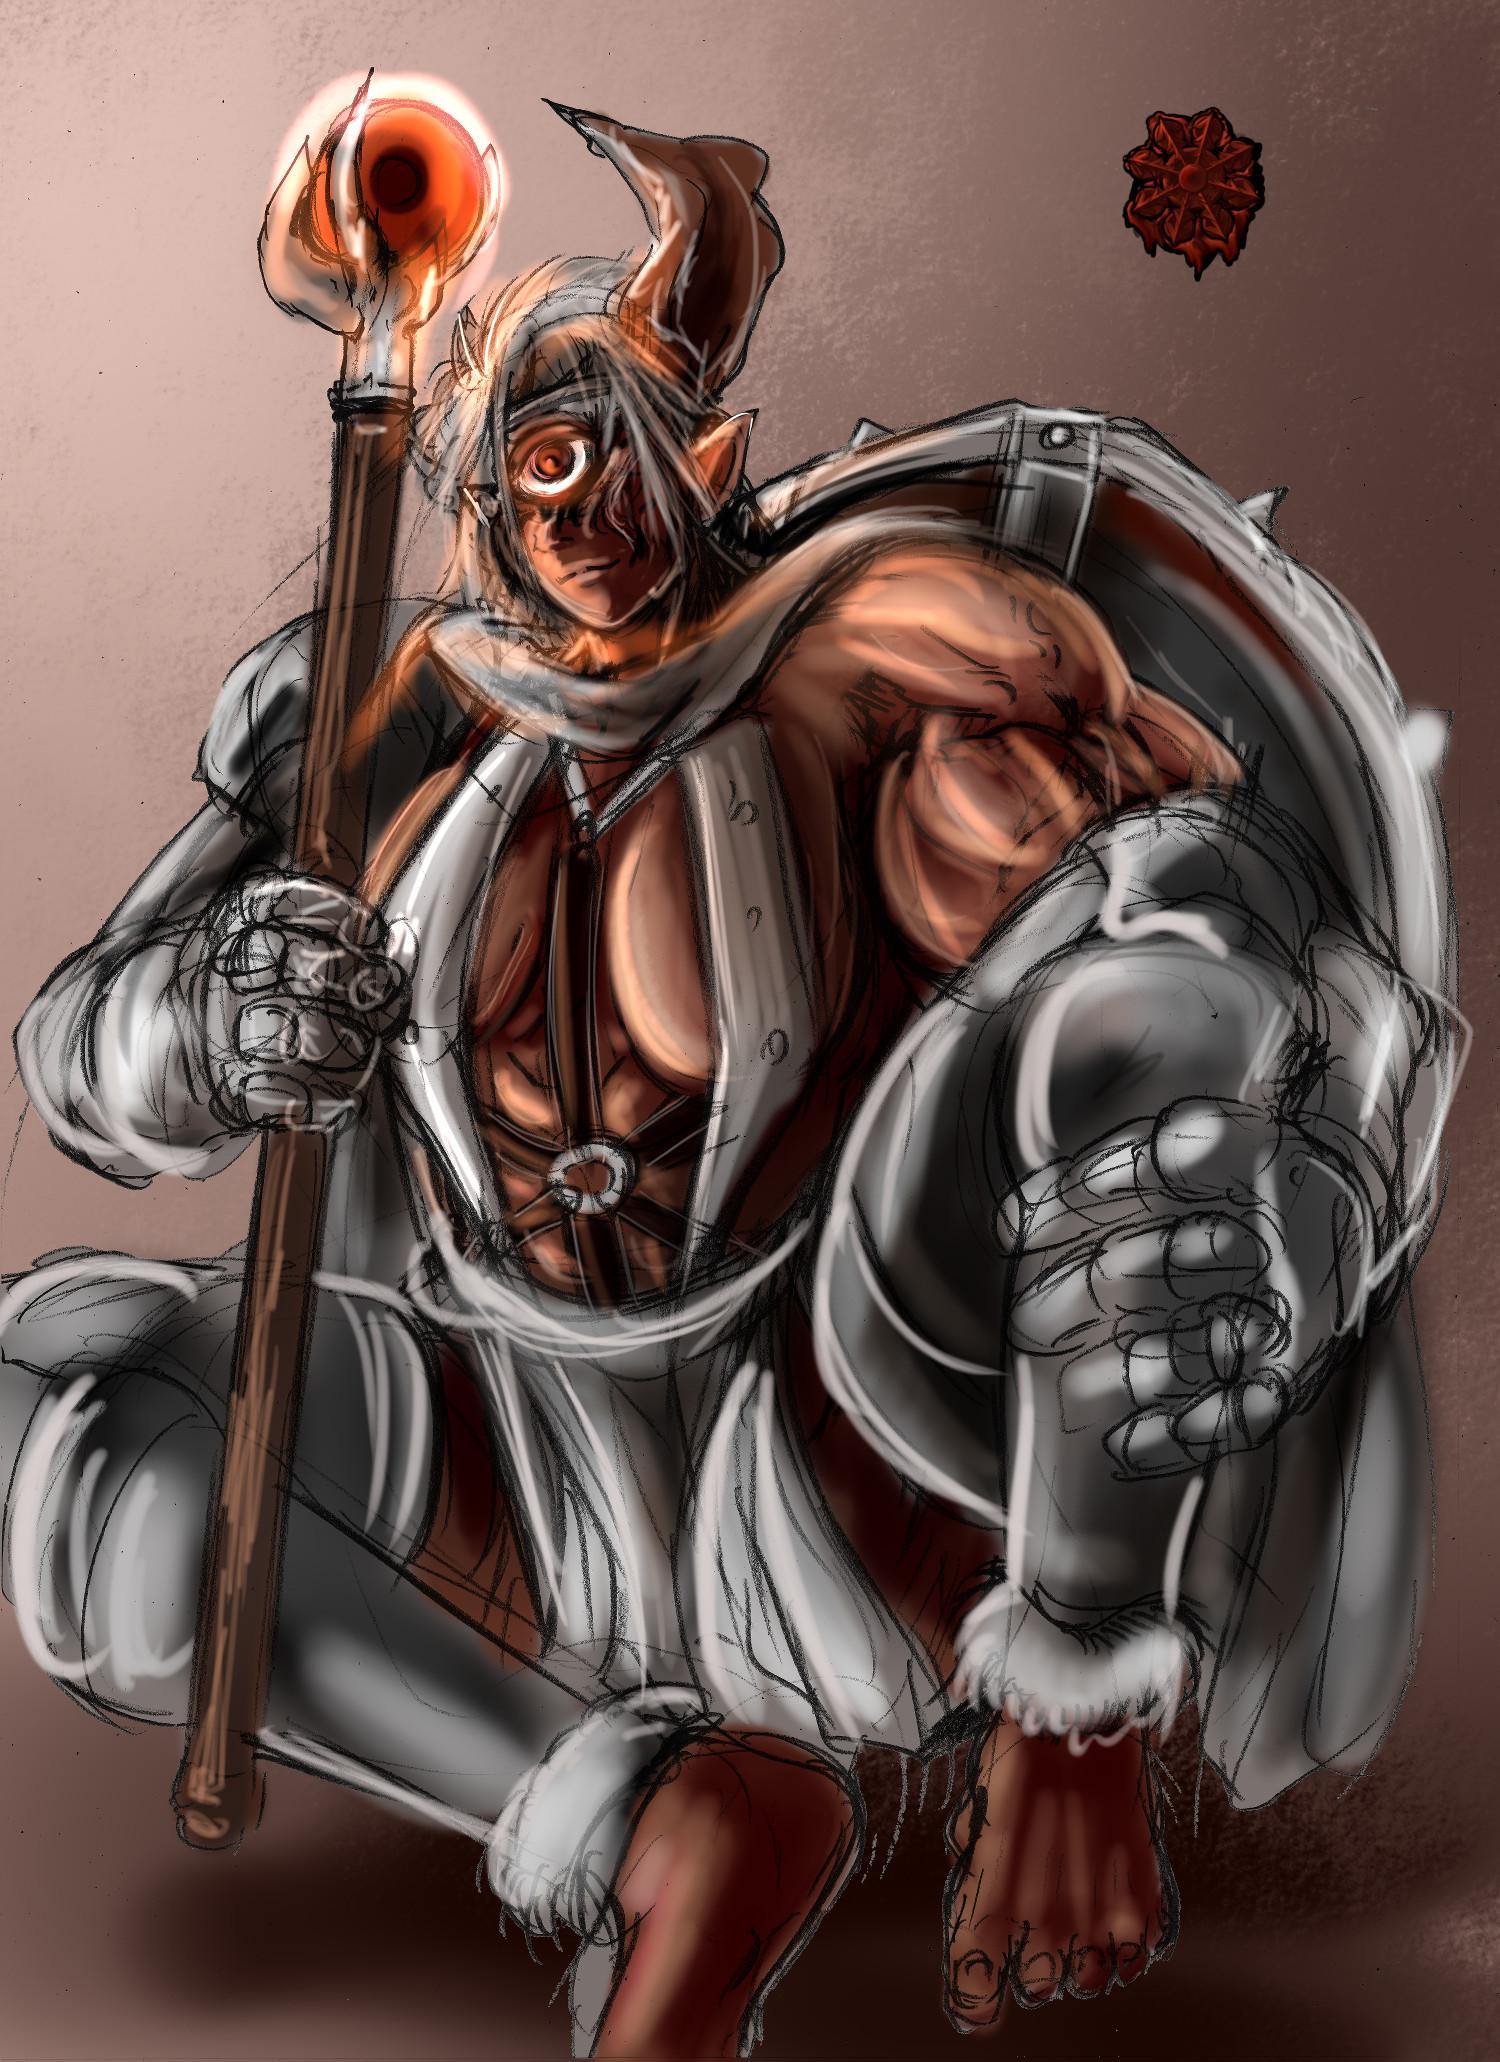 サイクロプス魔法戦士セクシーギャル